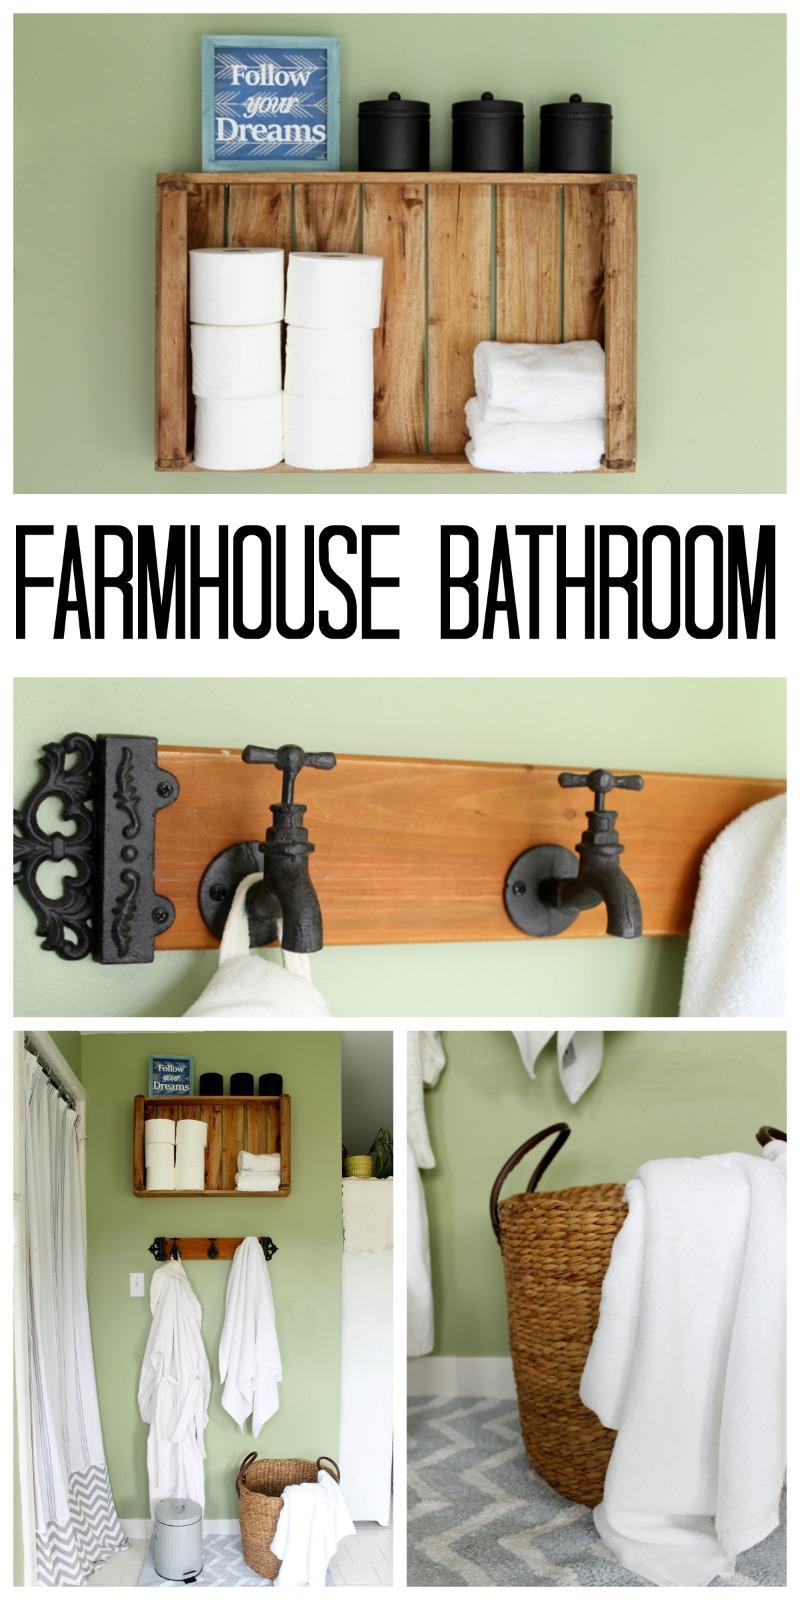 Rustic Farmhouse Bathroom Ideas - The Country Chic Cottage on Rustic Farmhouse Bathroom  id=46652